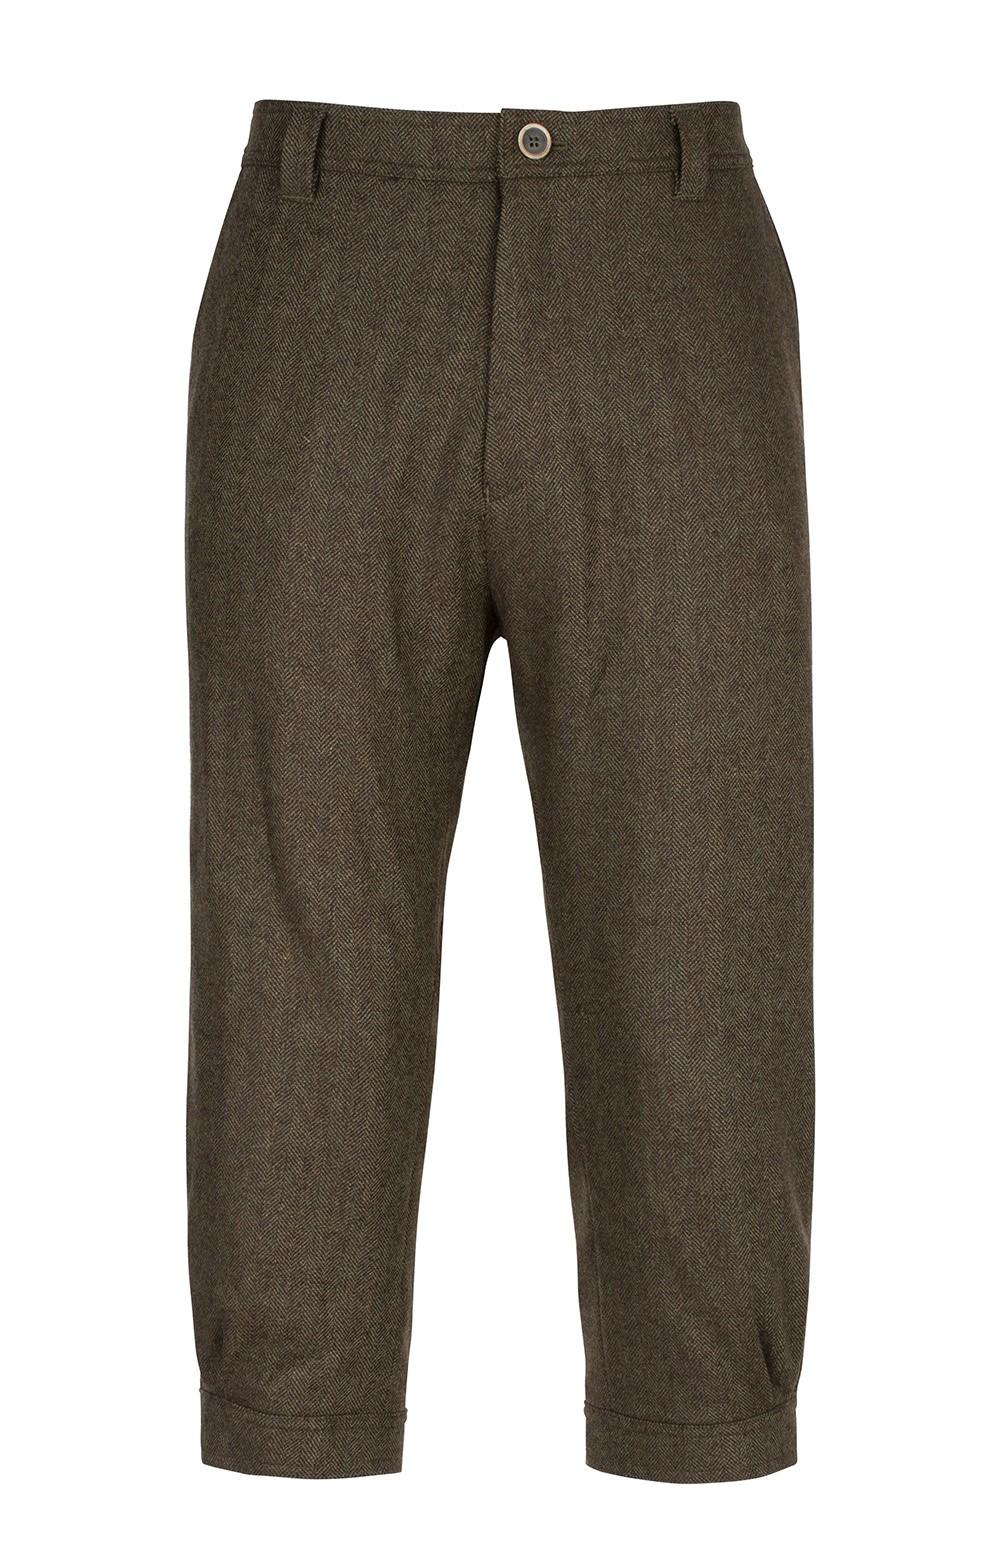 48b2c1689e Musto Stretch Tweed Breeks | Men's Tweed Trousers & Breeks | House Of Bruar